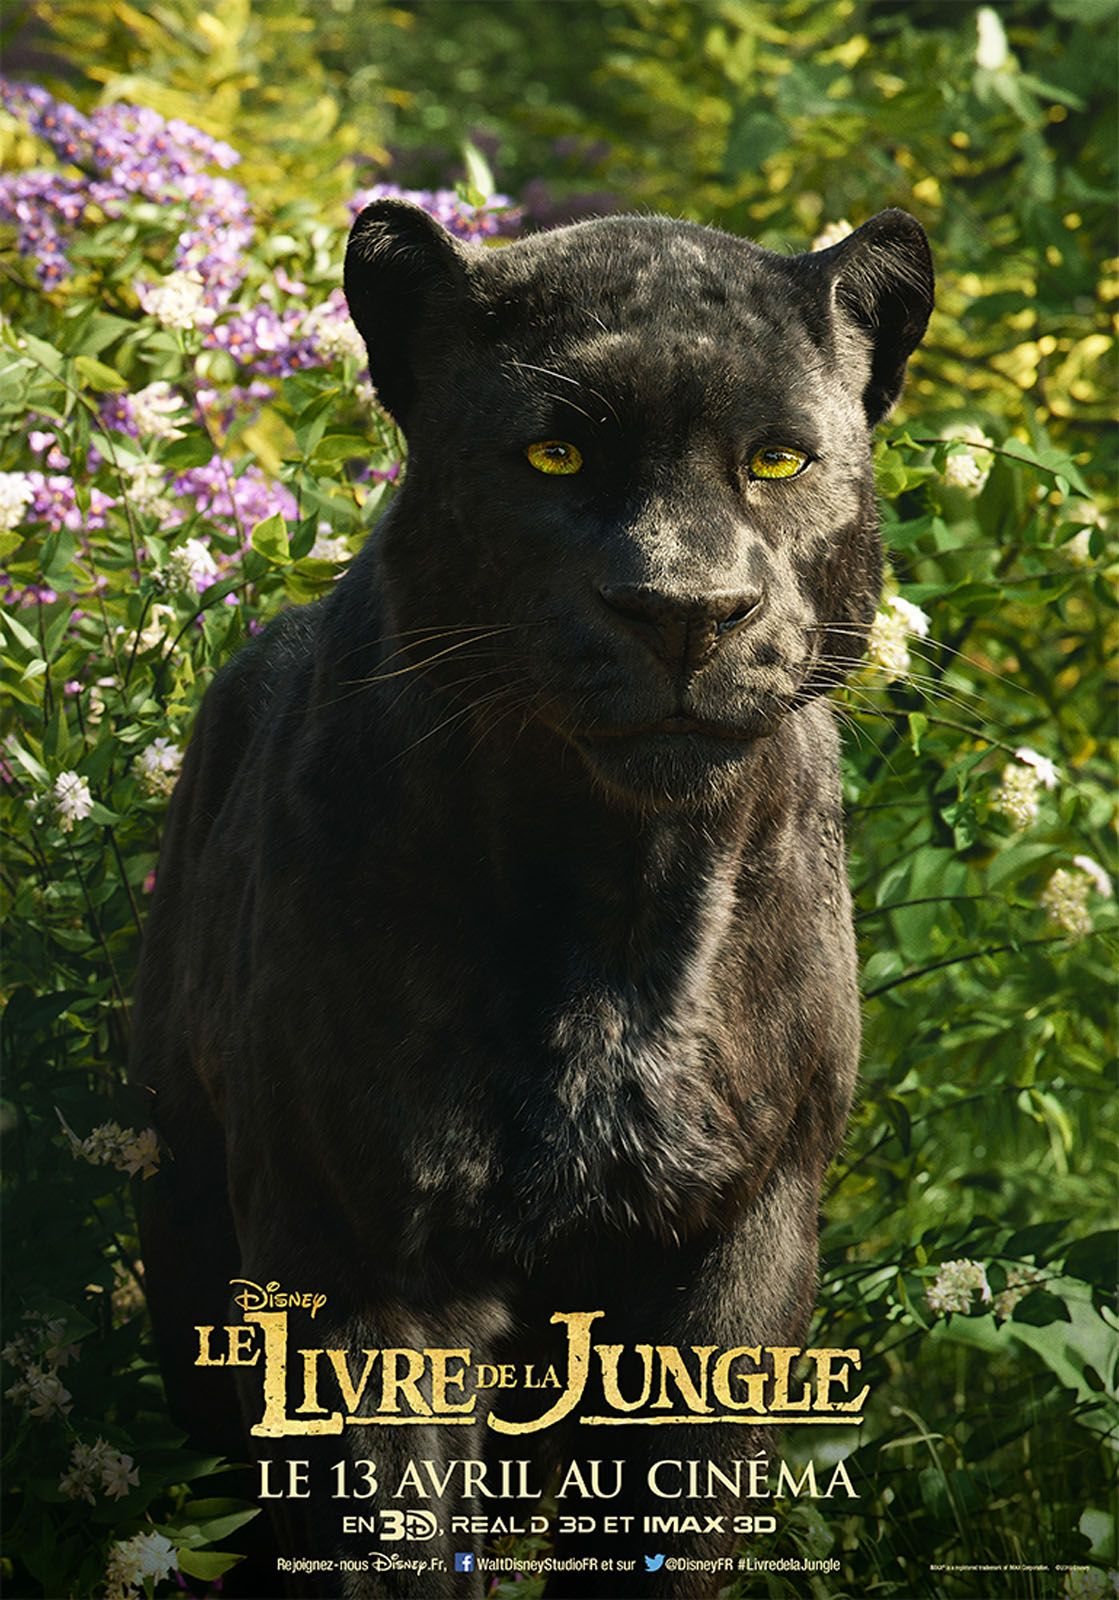 Le Livre De La Jungle Bagheera : livre, jungle, bagheera, Affiche, Livre, Jungle, Movie,, Bagheera,, Disney